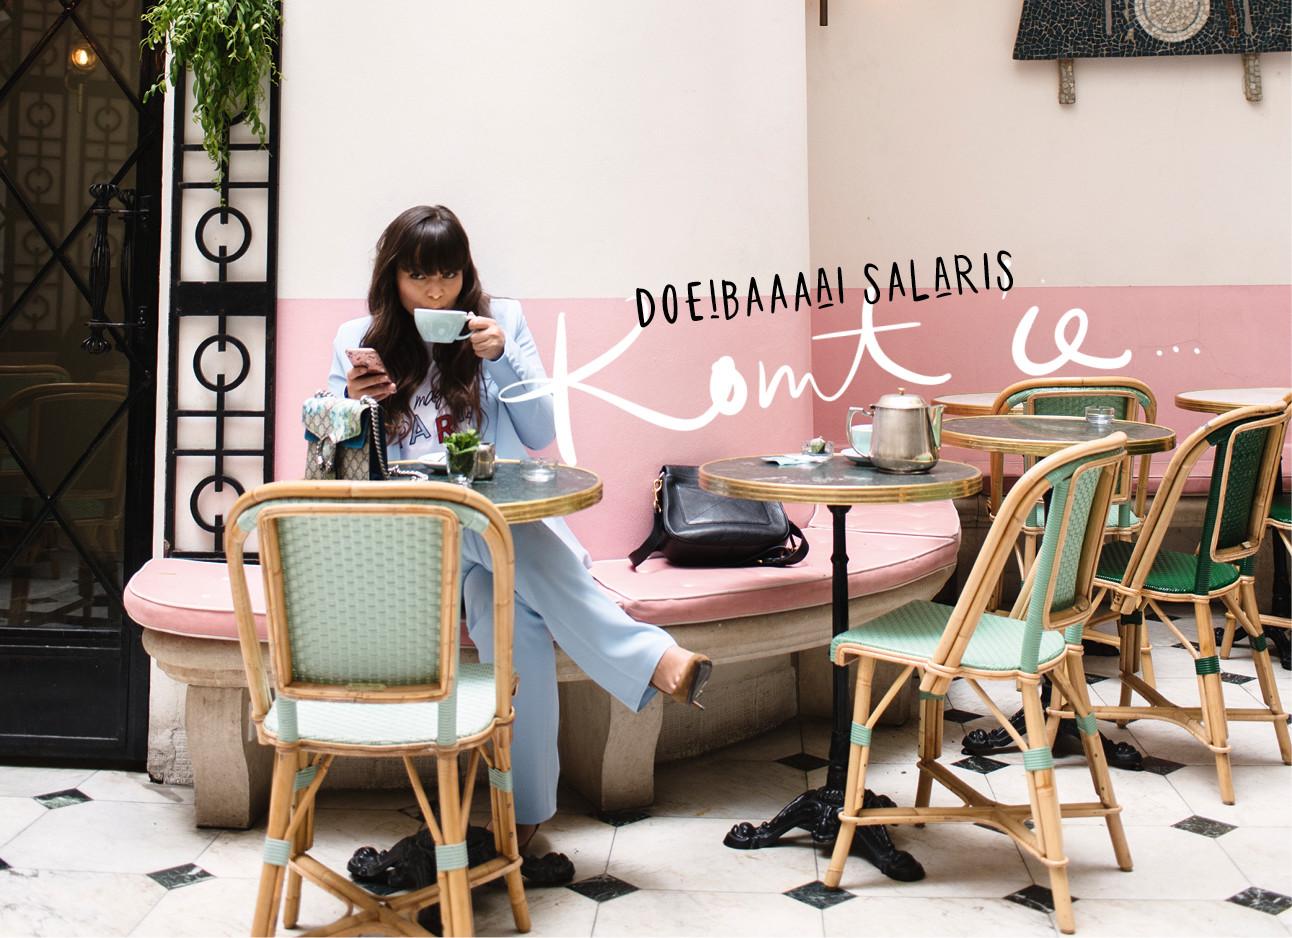 Kiki duren lachend op een terras met kop koffie in parijs een blauwe broek en jasje aan roze muren en groene stoelen